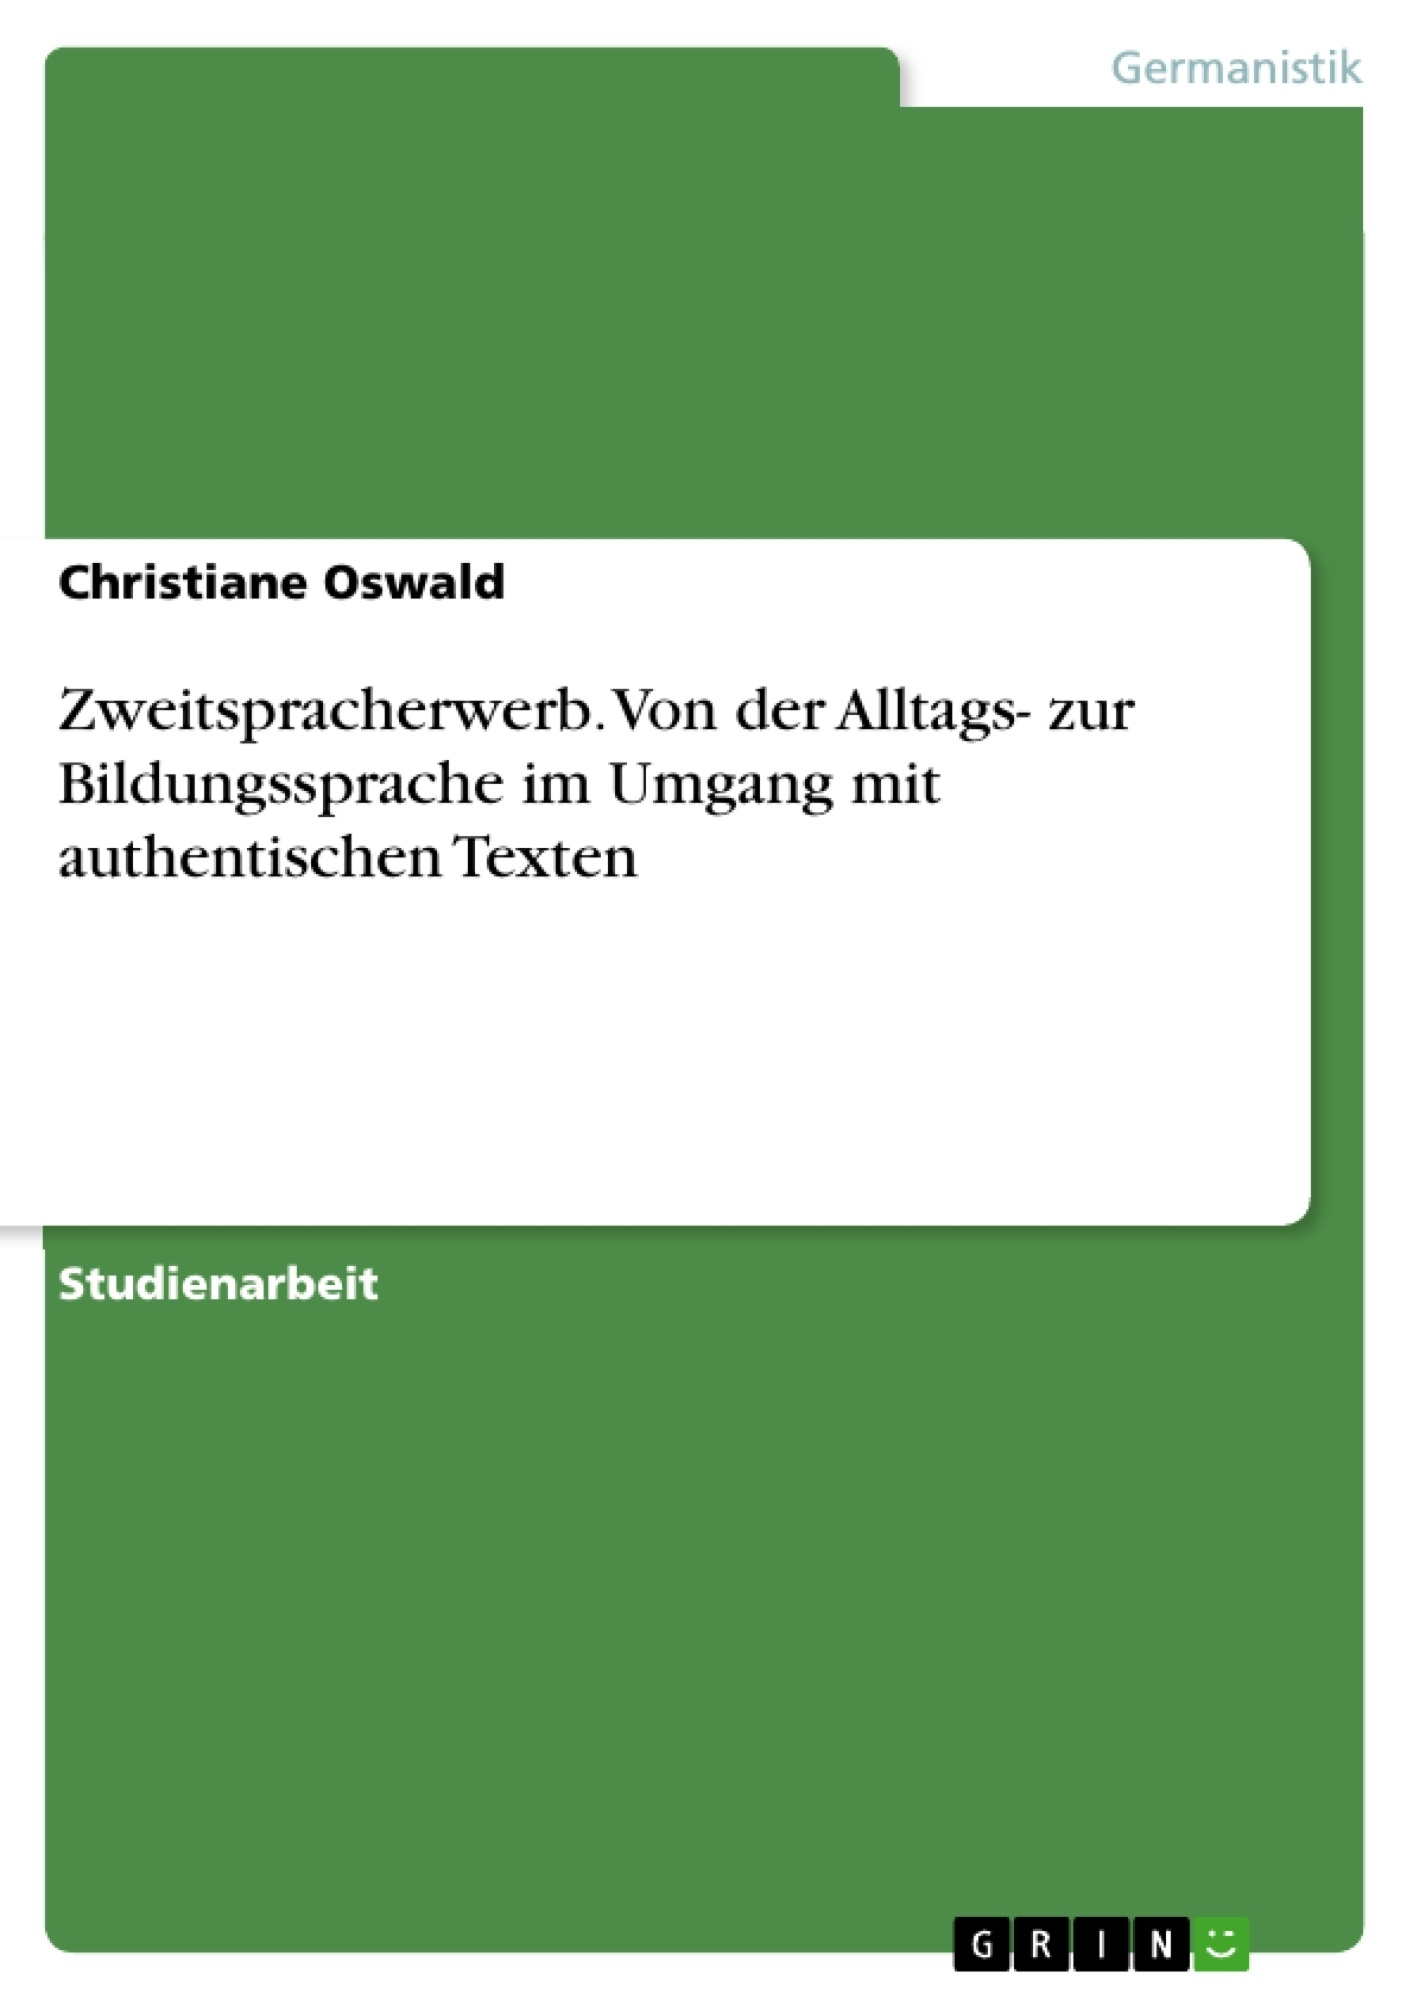 Titel: Zweitspracherwerb. Von der Alltags- zur Bildungssprache im Umgang mit authentischen Texten